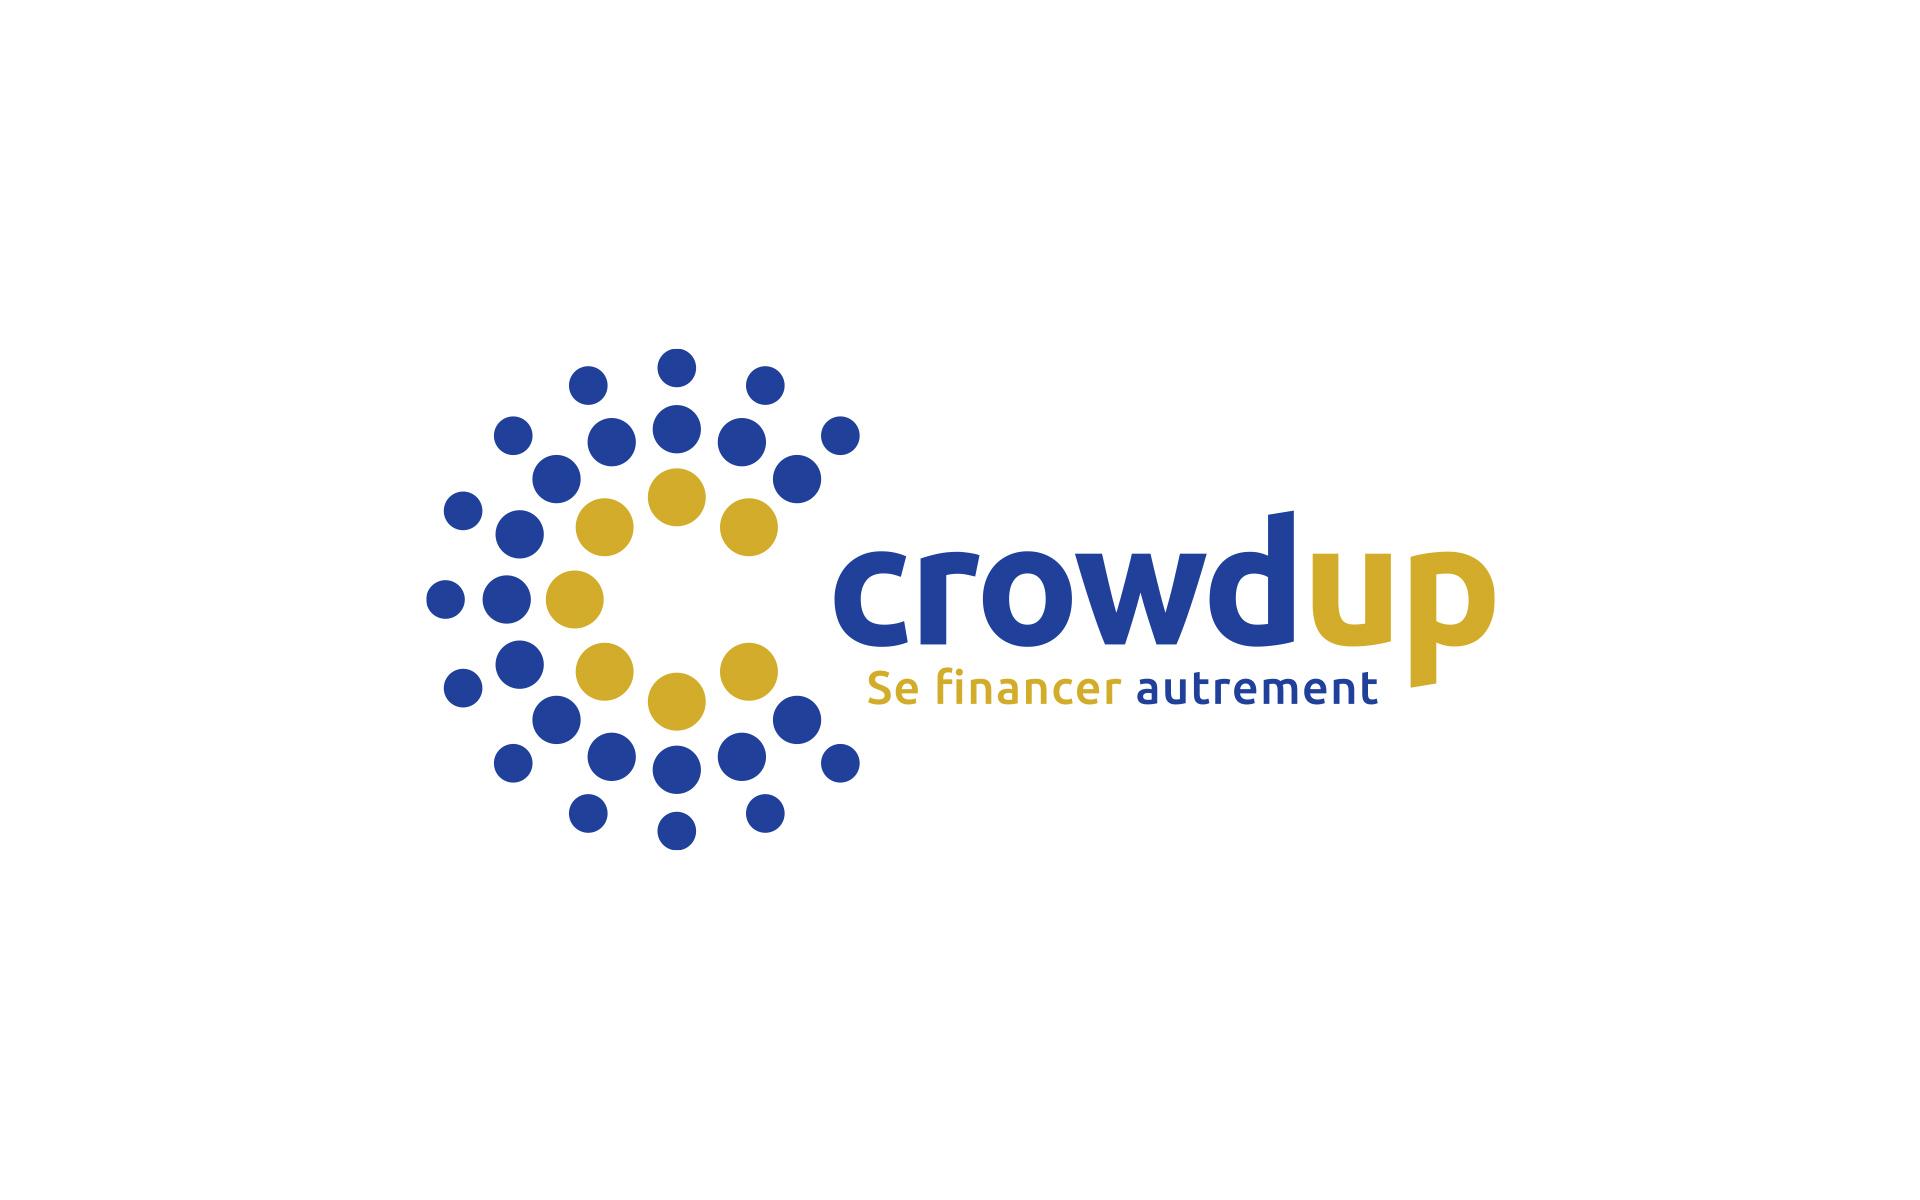 Création logo financement participatif crowdfunding